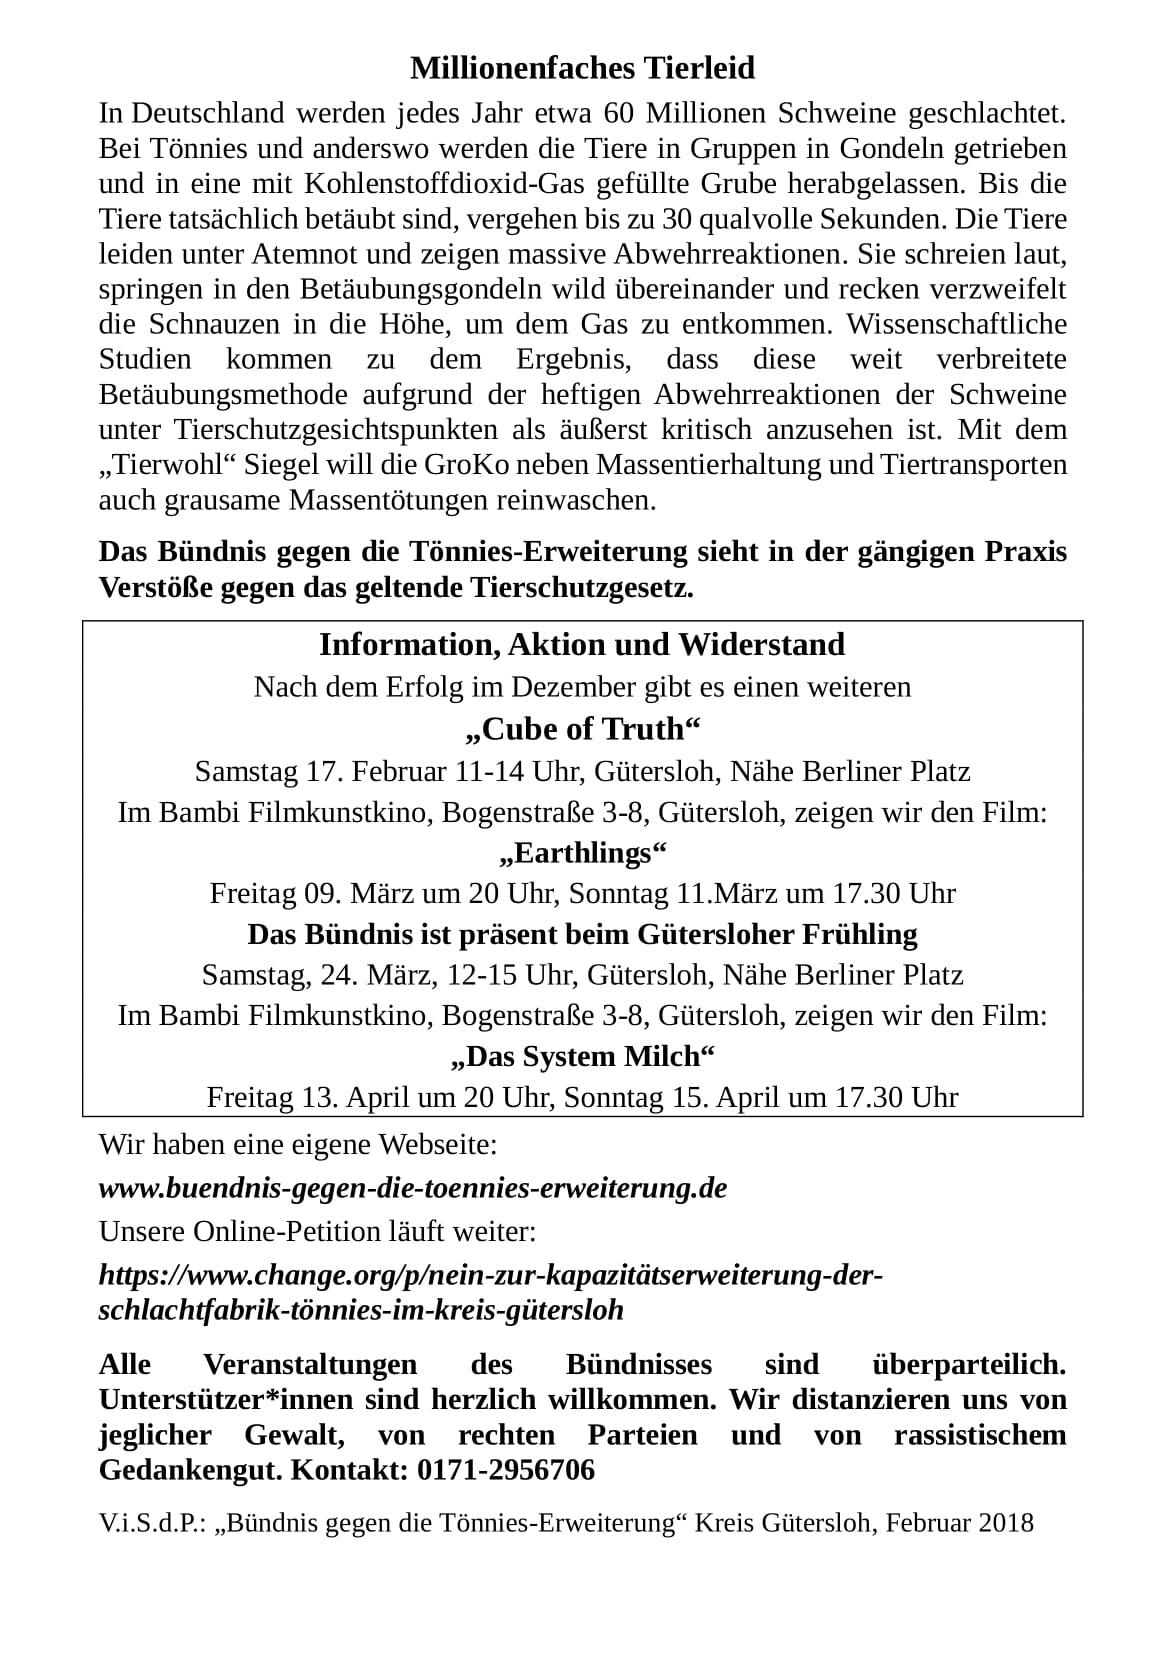 Nein zur Kapazitätserweiterung V2 - Flyer - Seite 2